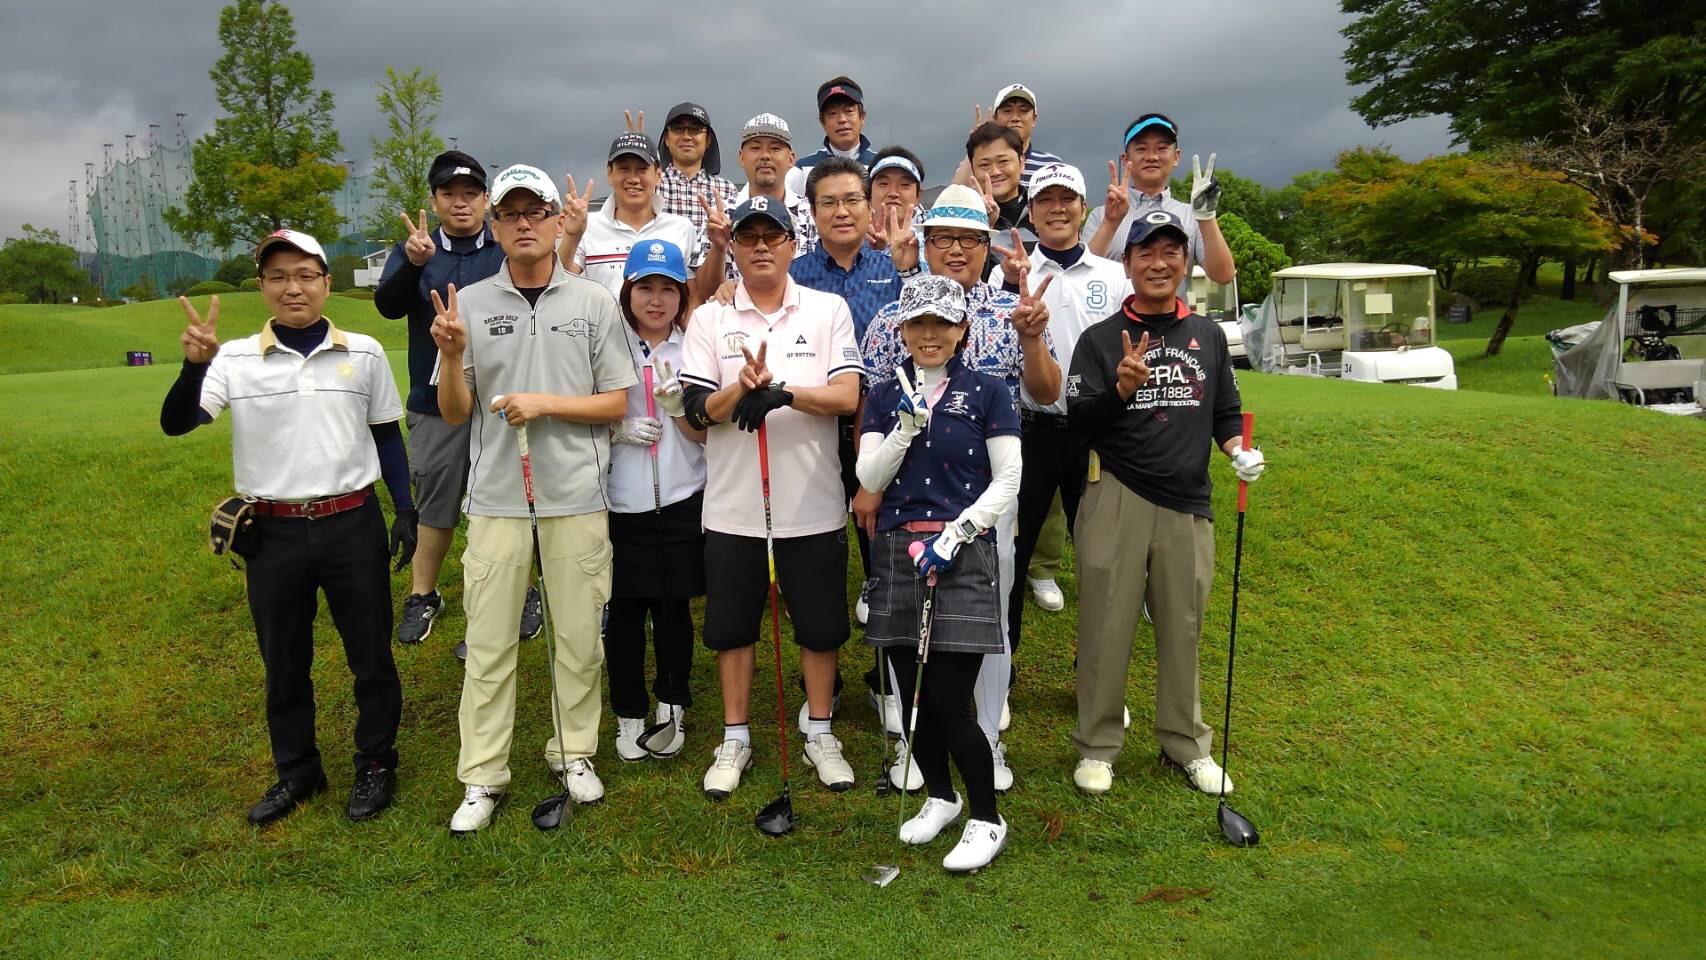 『第71回ゴルフコンペ』を開催しました!